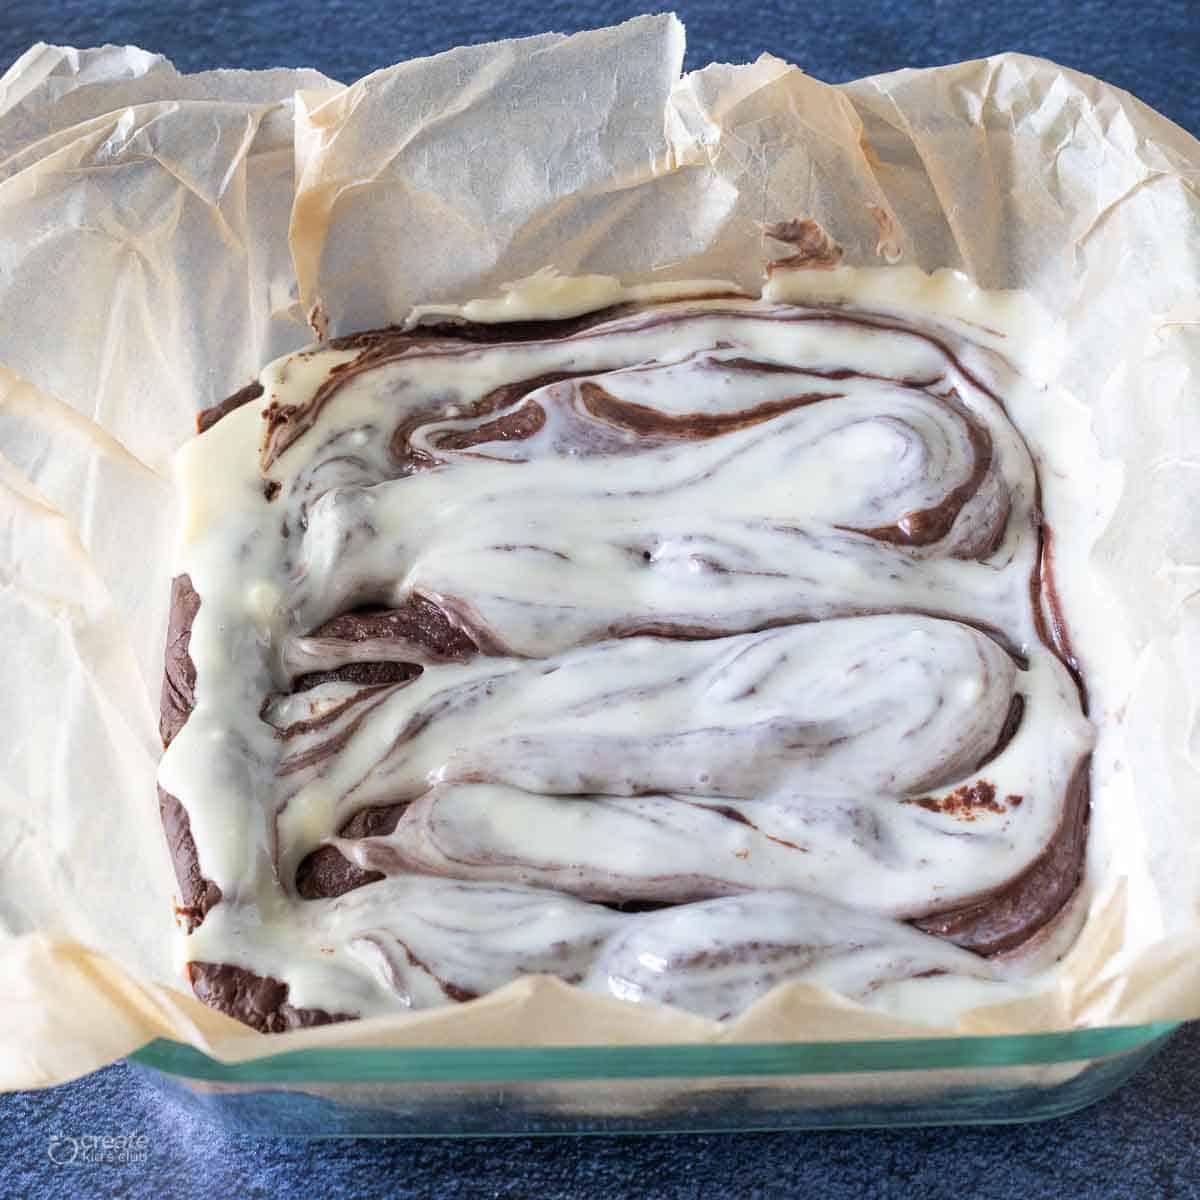 swirled chocolate in fudge batter